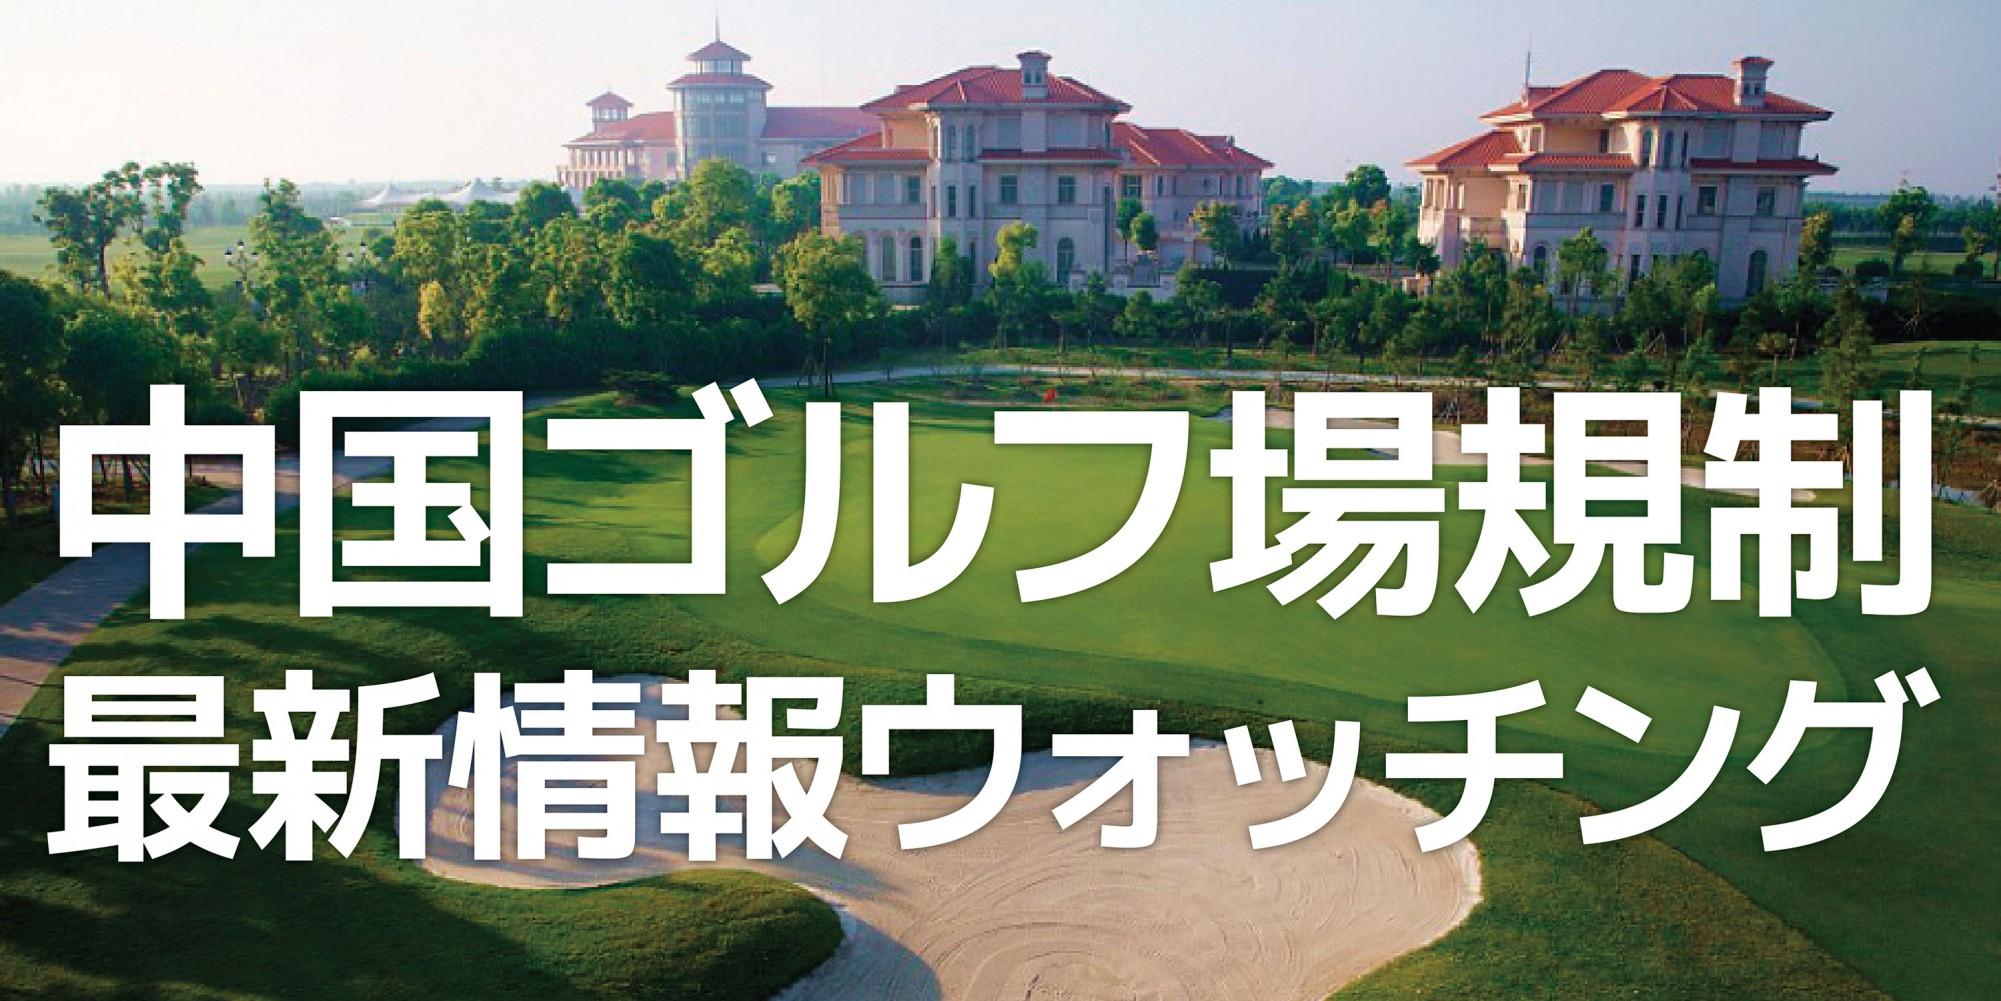 中国のゴルフ場営業はどうなるのか!? 緊急セミナーレポート